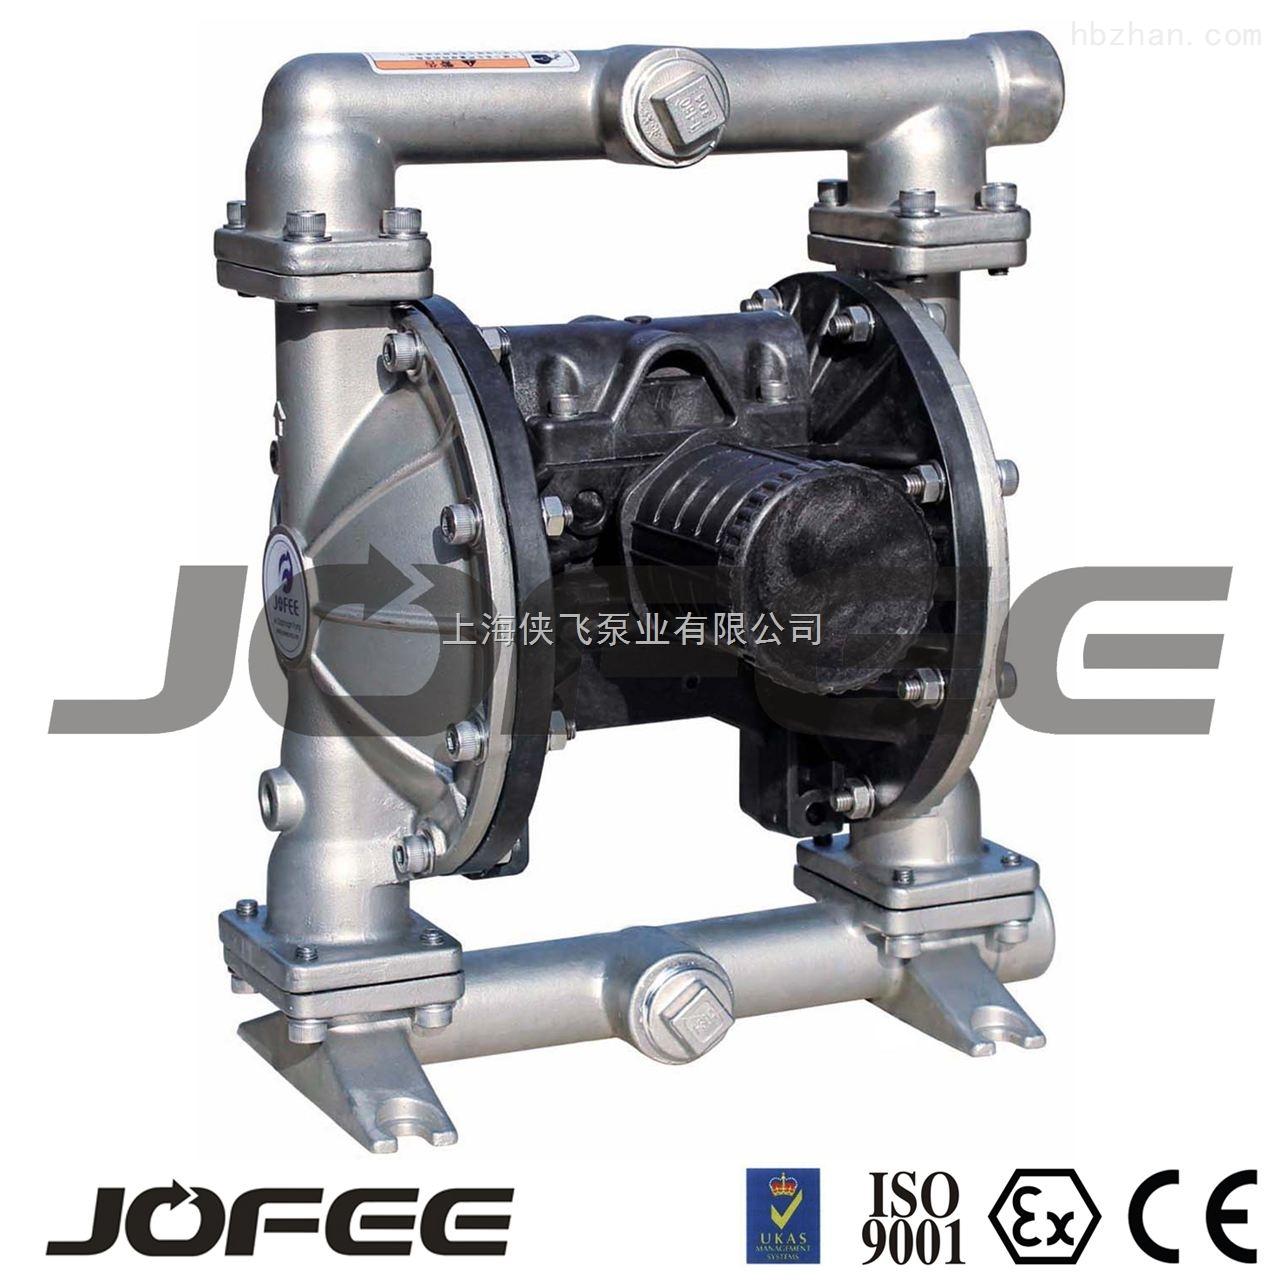 侠飞MK40AL-SS/TF/TF/TF不锈钢气动隔膜泵